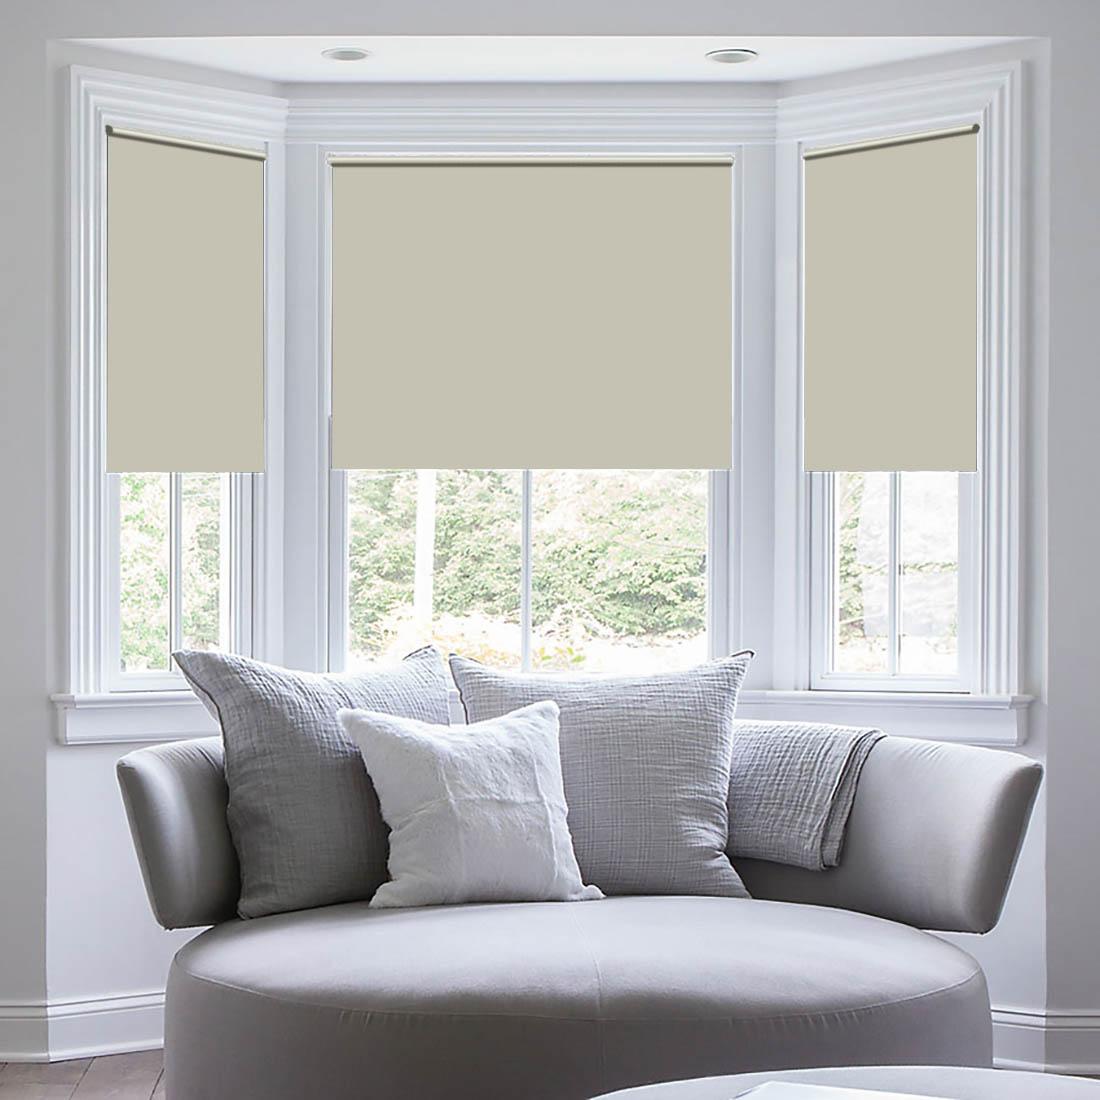 """Штора рулонная Sleep iX """"Eclipce"""", цвет: кремовый, серебристый, высота 172 см, ширина 57 см"""